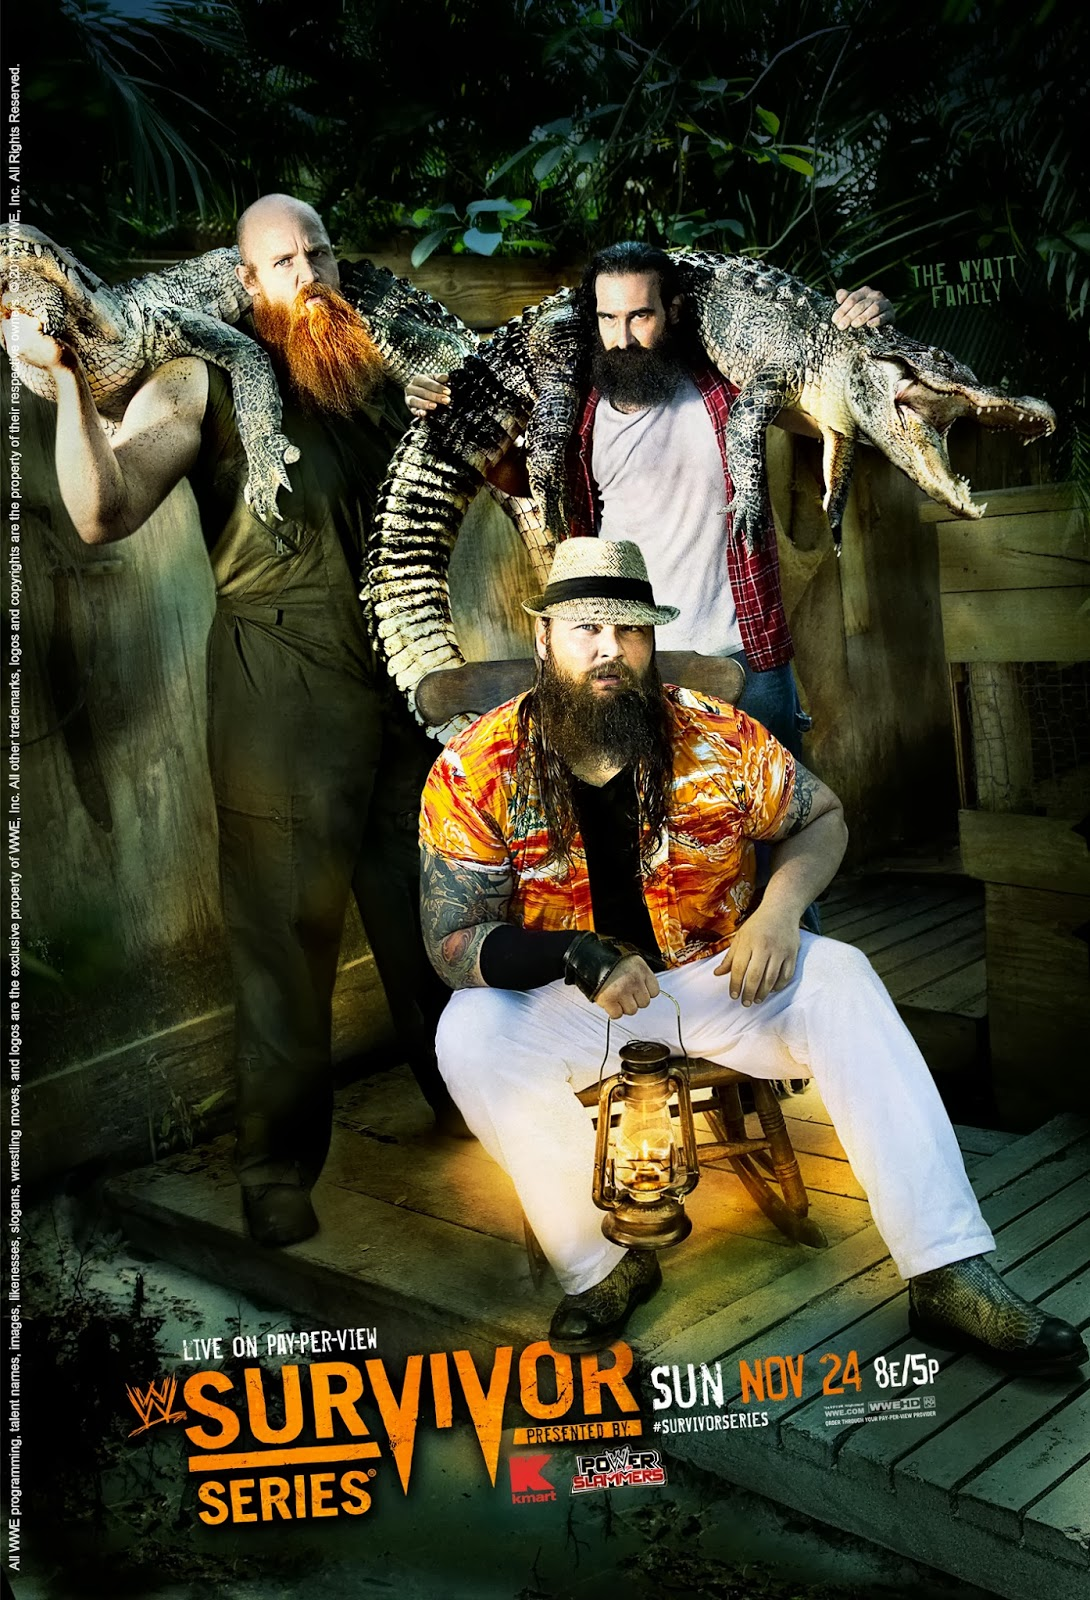 Este es el póster oficial de WWE Survivor Series 2013